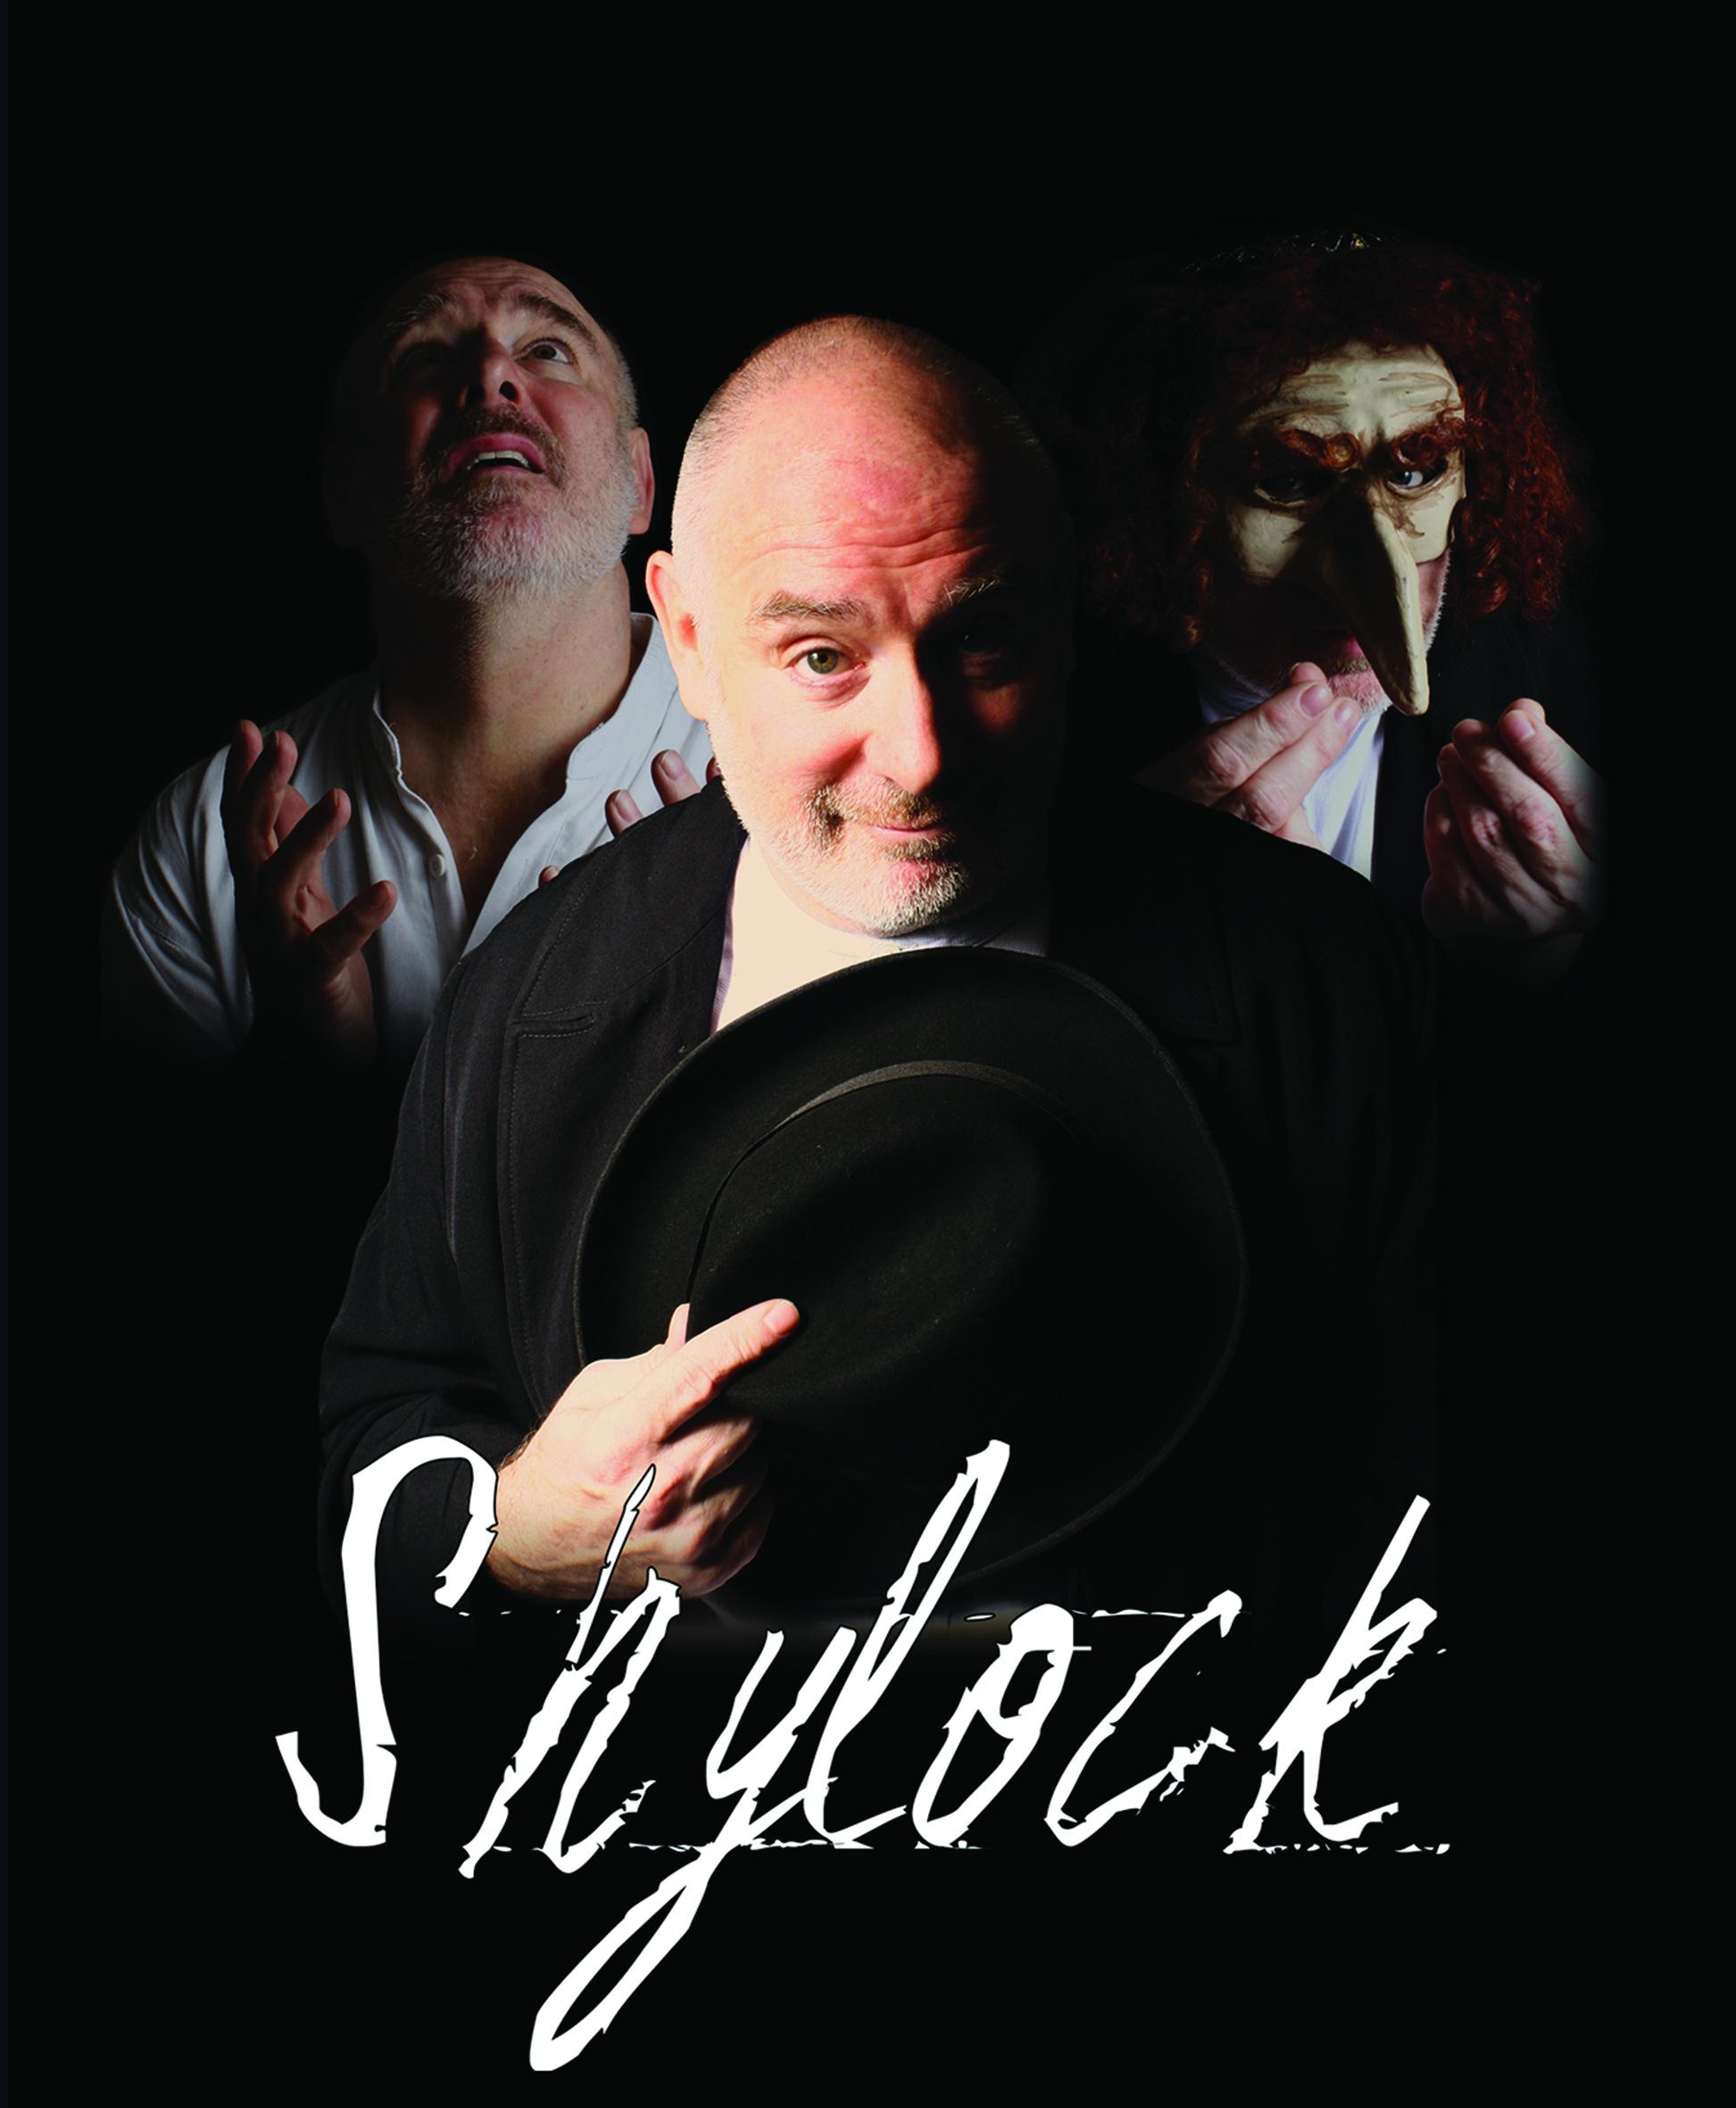 Edinburgh_Shylock_Image1.jpg